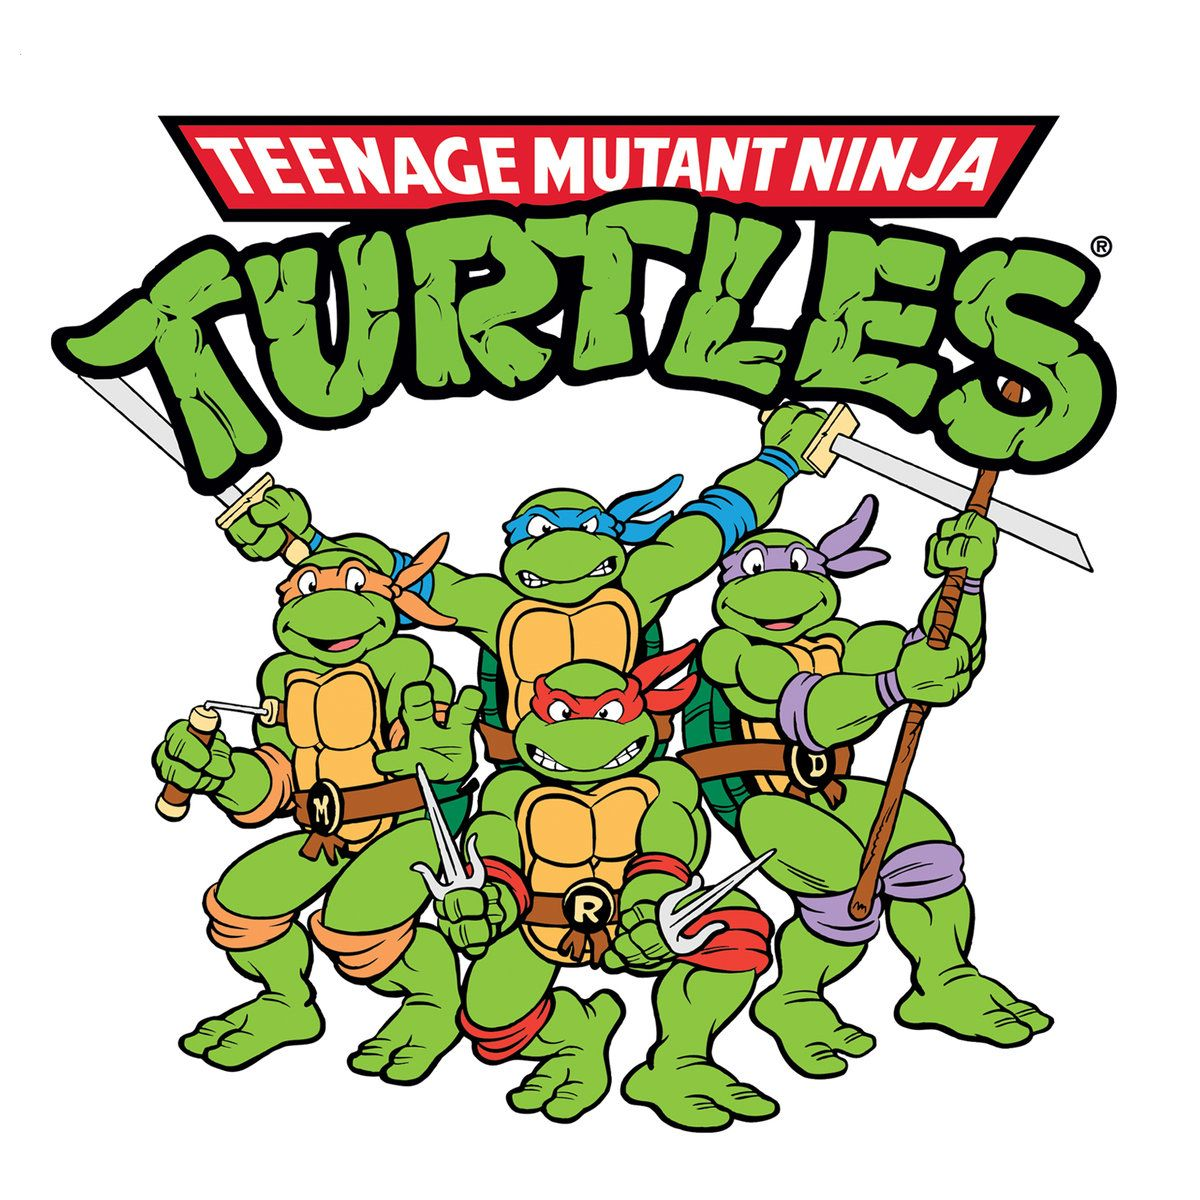 Lets kick shell teenage mutant ninja turtles teenage